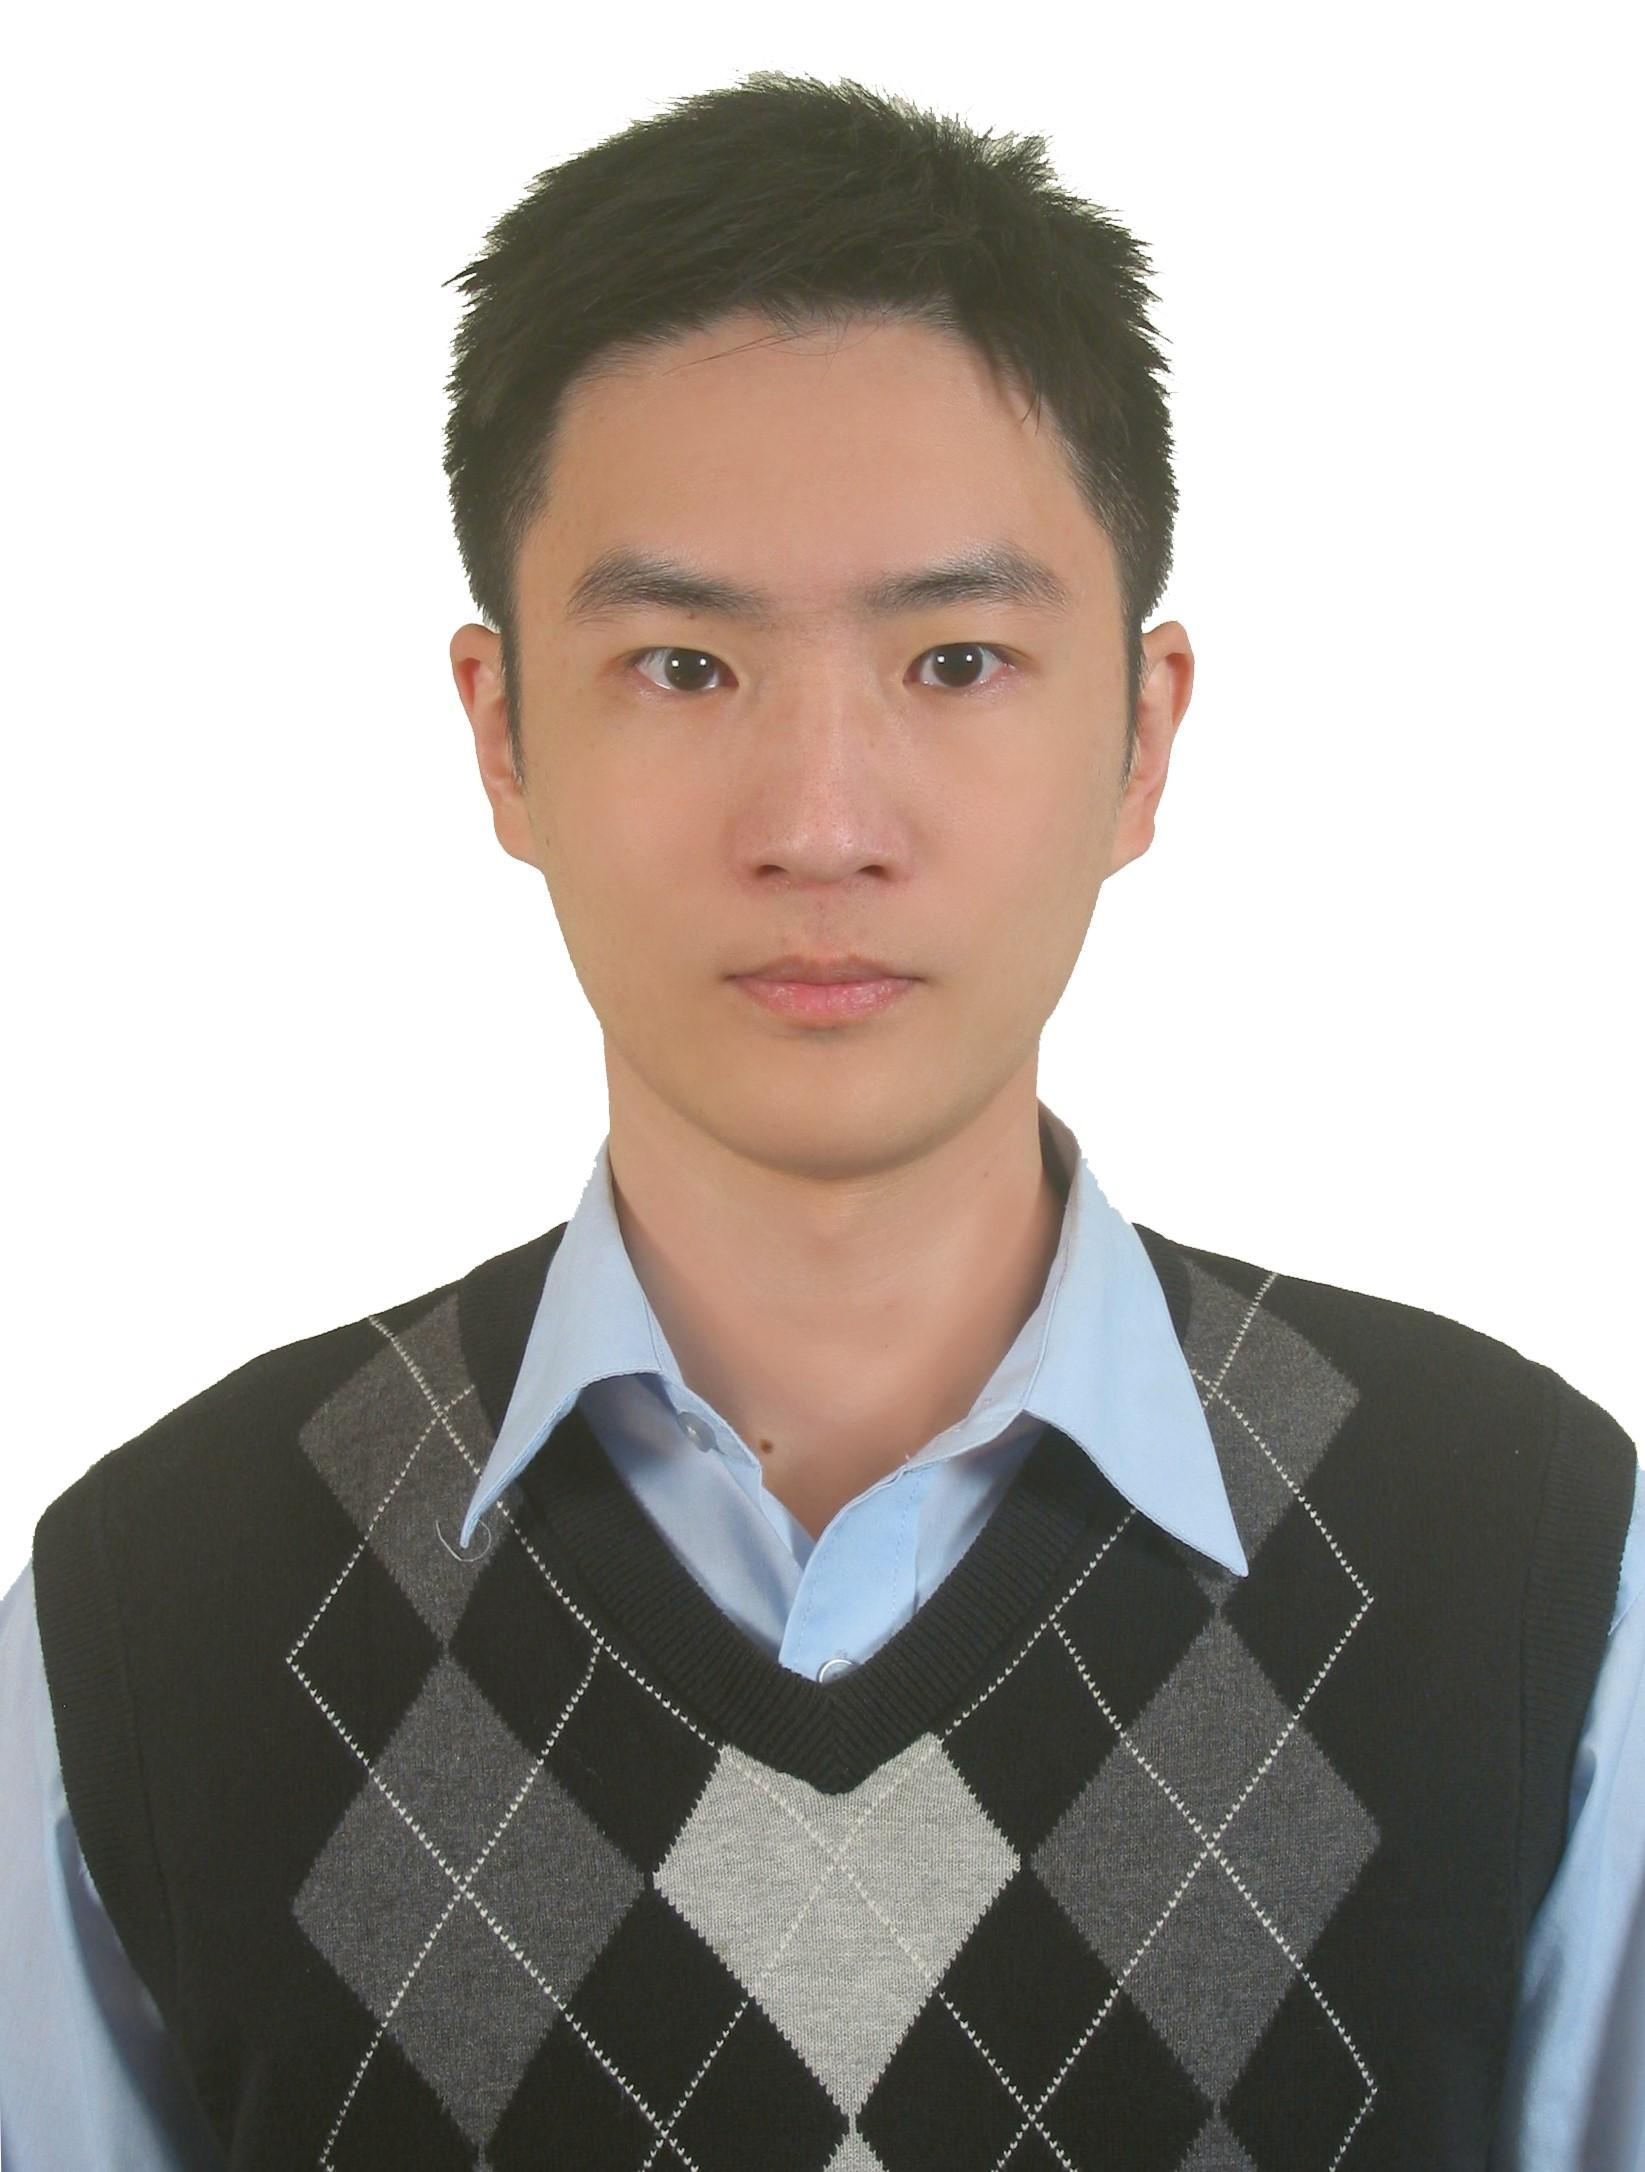 盧昱衡-期貨分析師照片